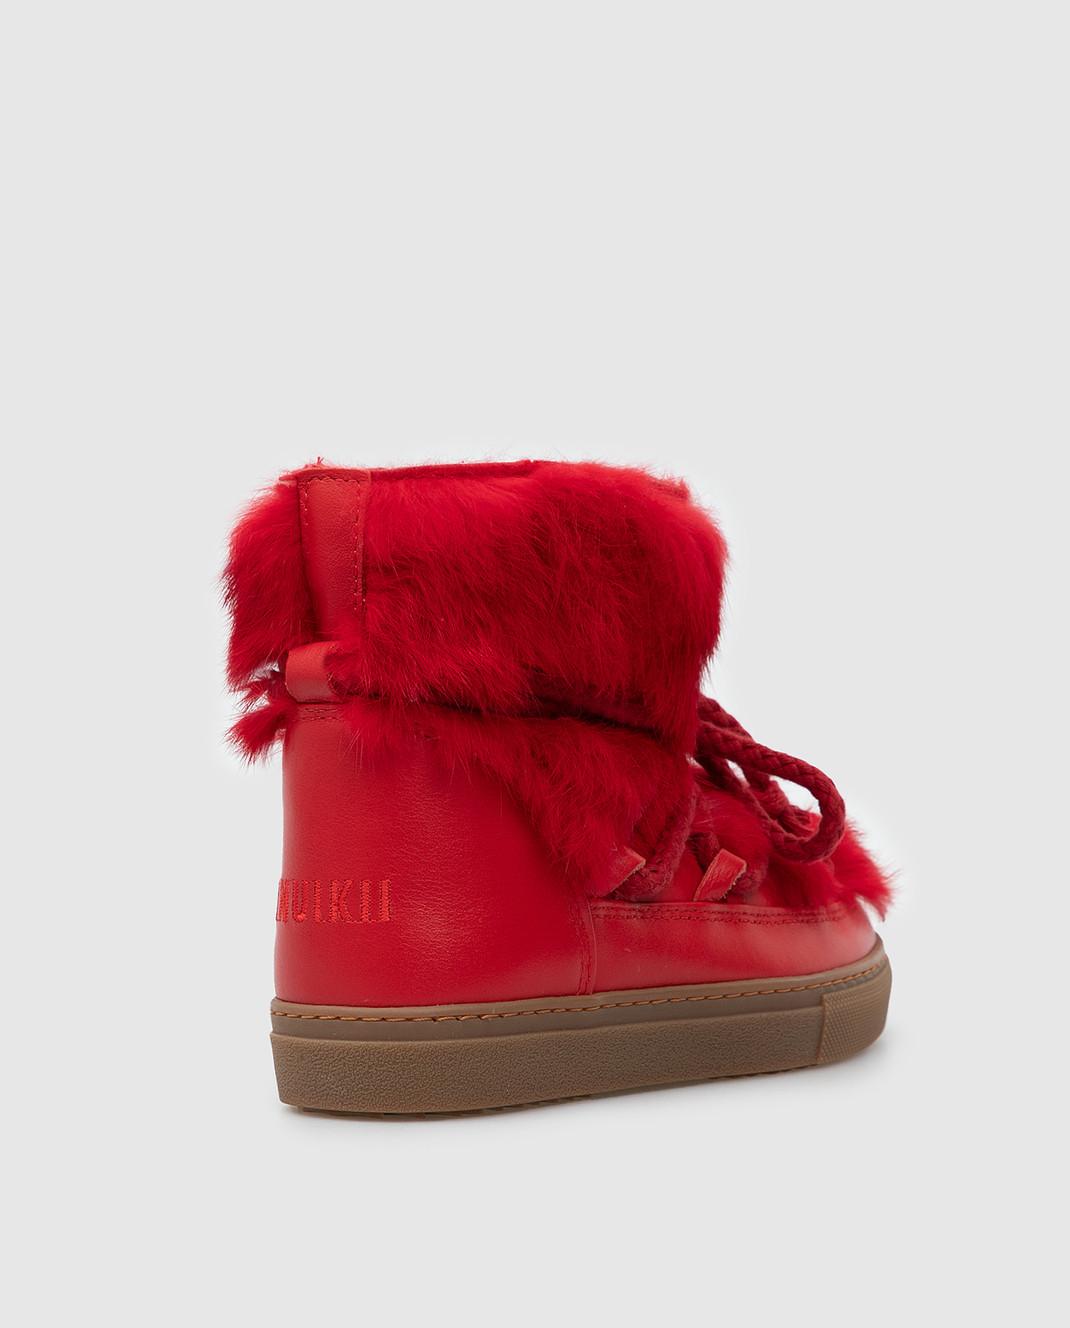 Inuikii Детские красные ботинки 6020242633 изображение 3